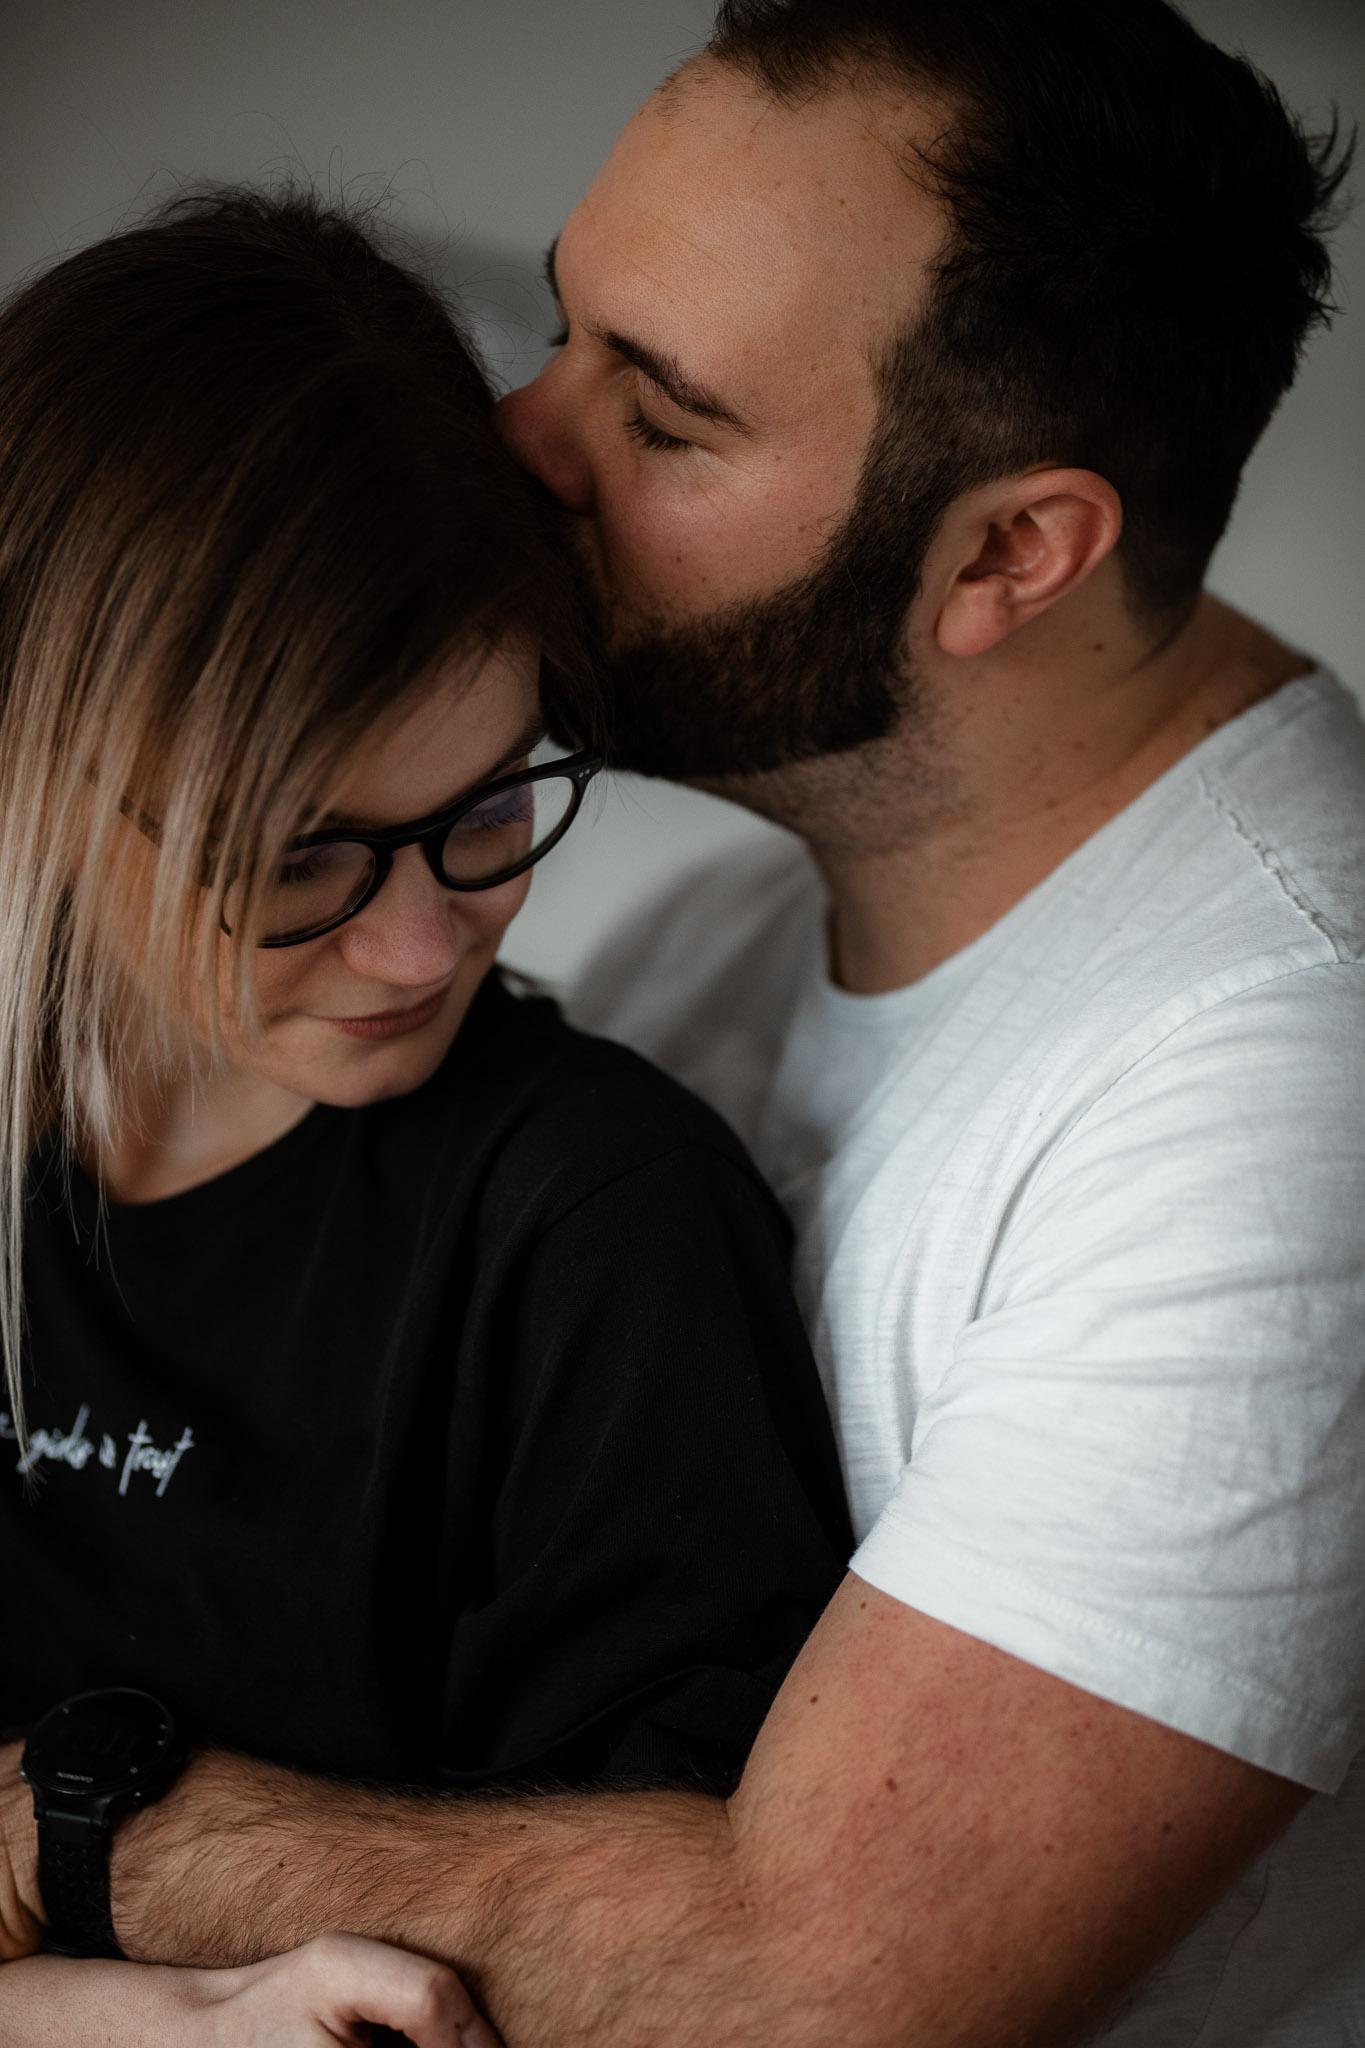 Paarfotos zu Hause - Homestory mit Sarah und Max in Worms 25